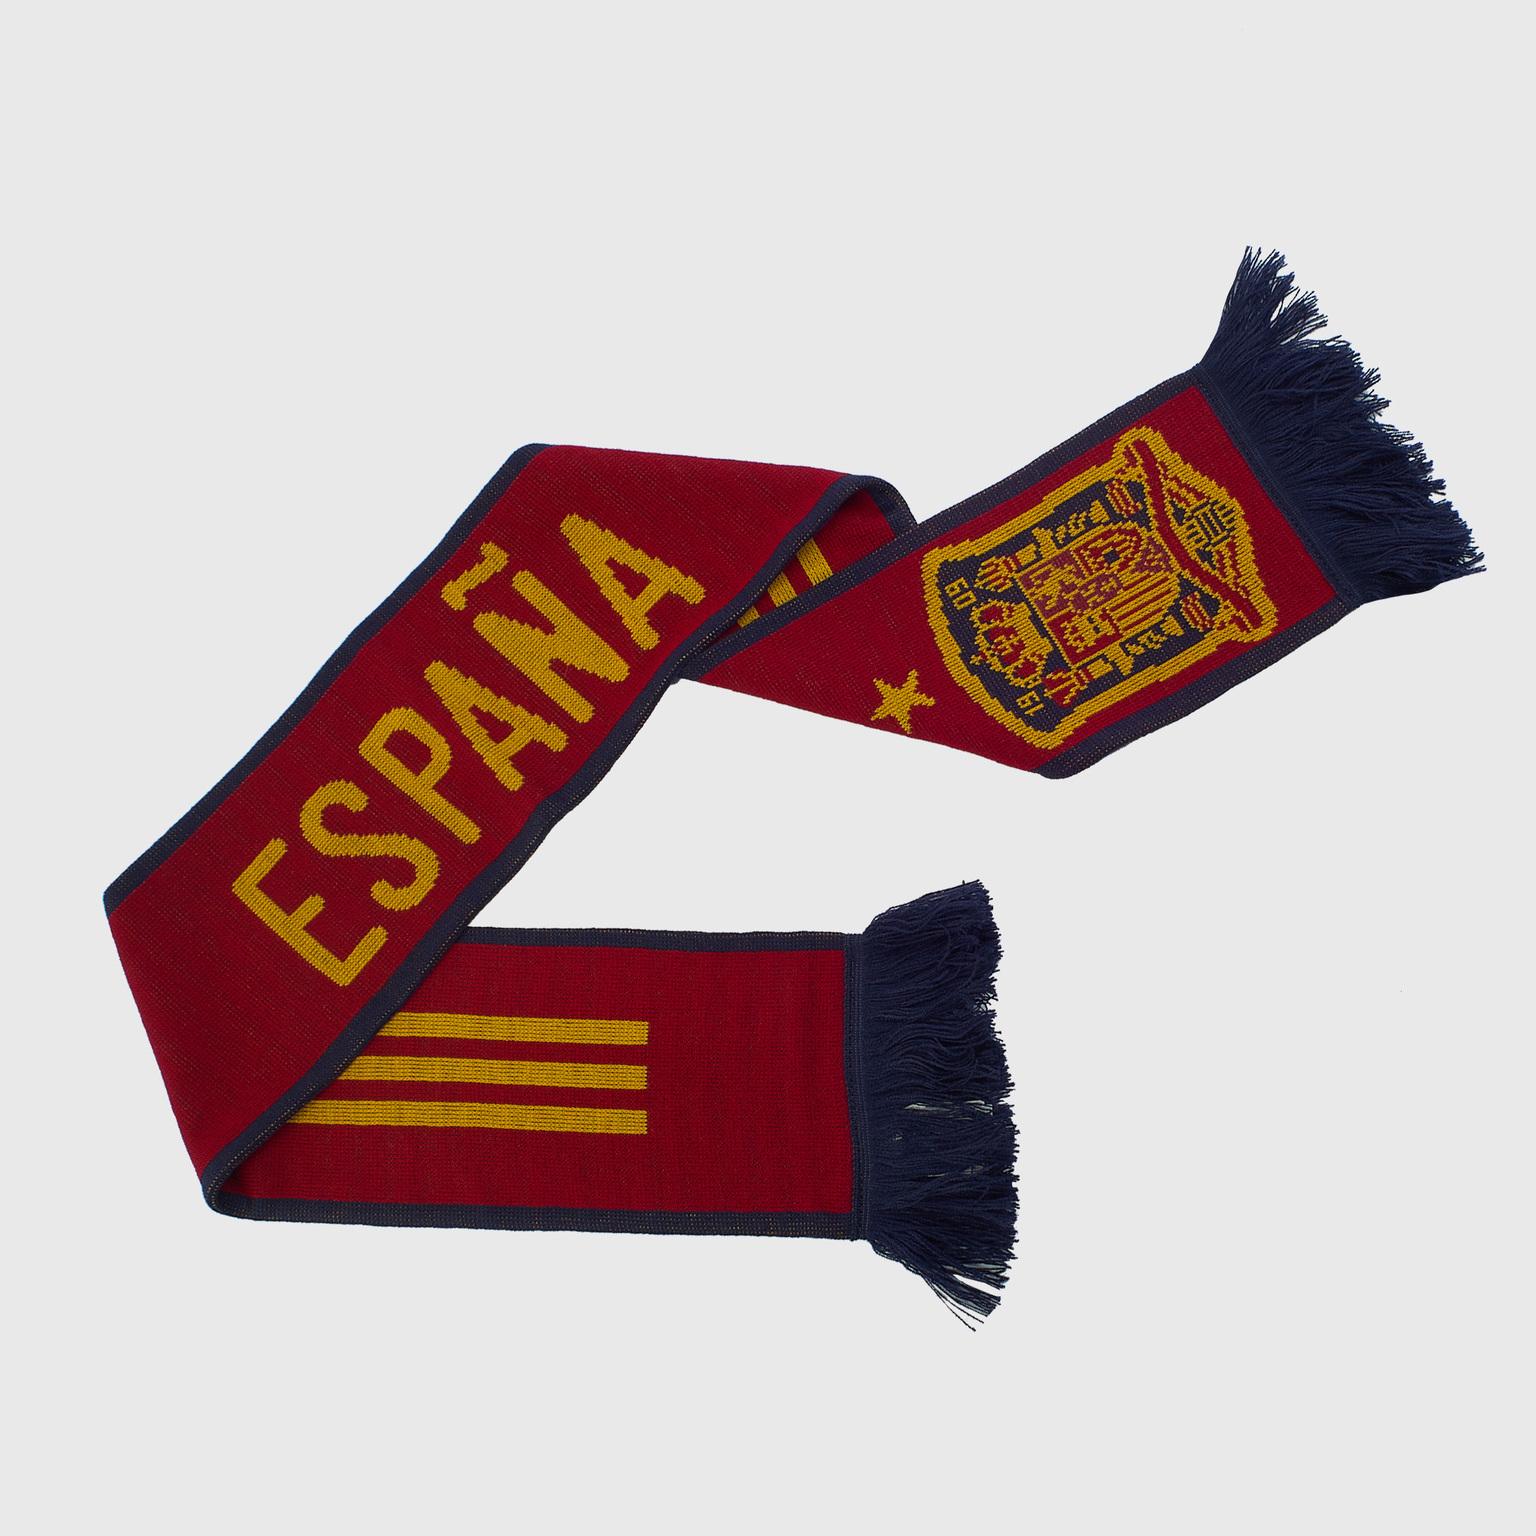 шарф сборной испании фото лоскутков винных